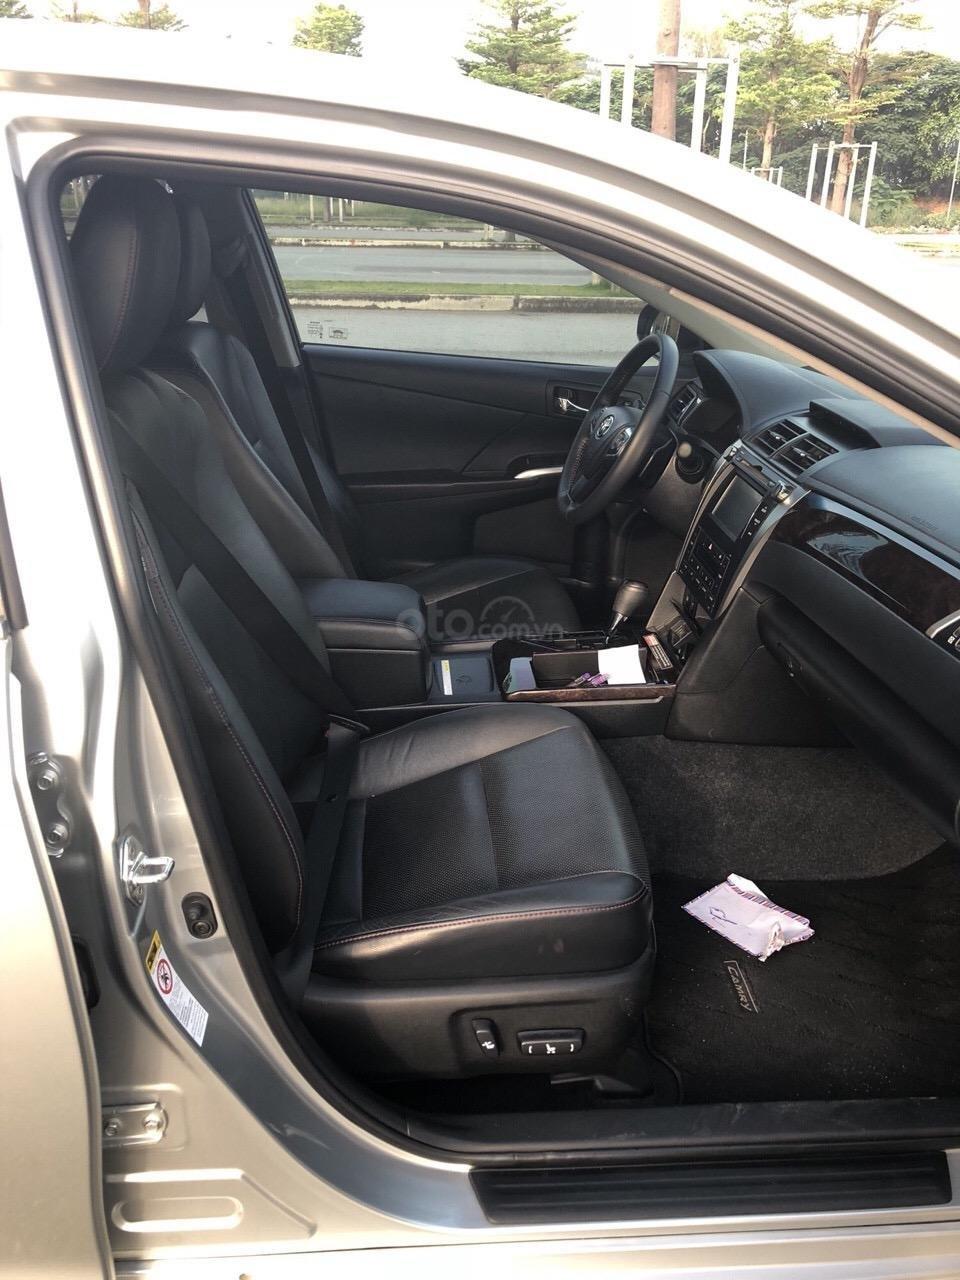 Bán Toyota Camry 2015 2.5Q, giá 856tr gặp chính chủ (8)